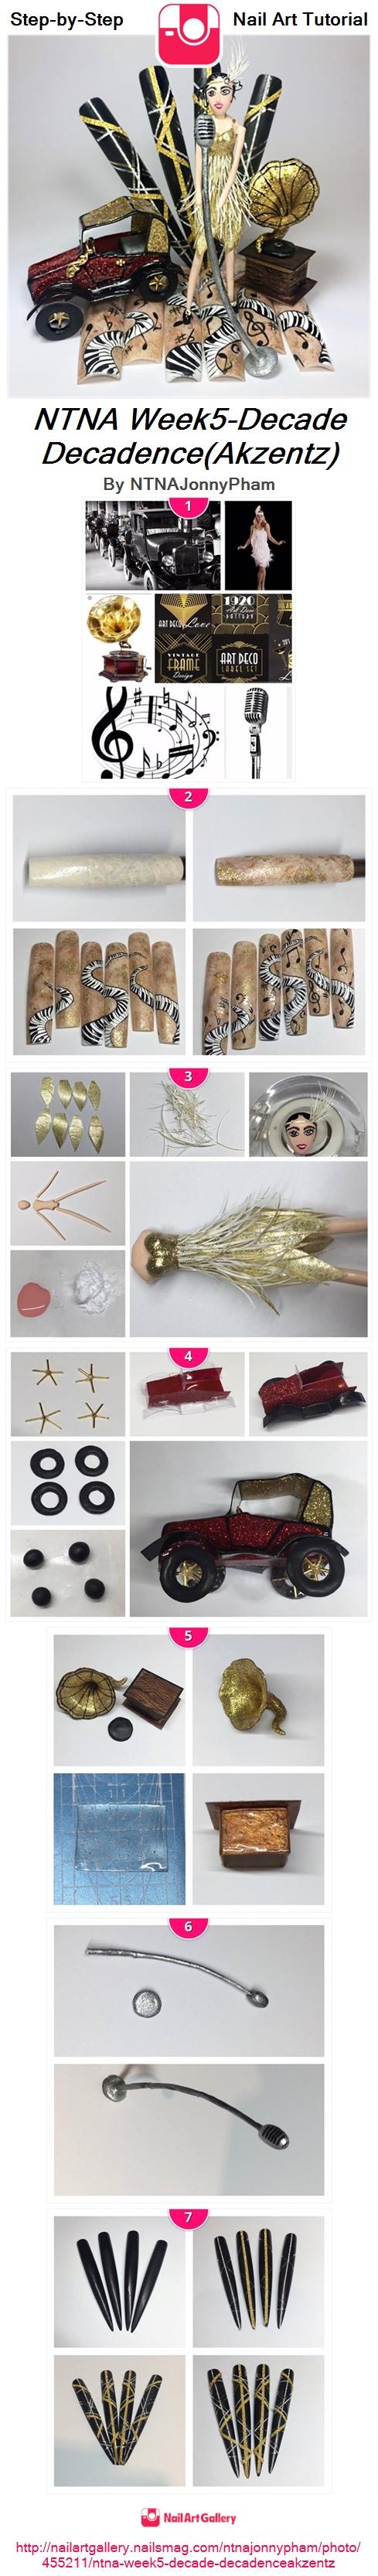 NTNA Week5-Decade Decadence(Akzentz) - Nail Art Gallery